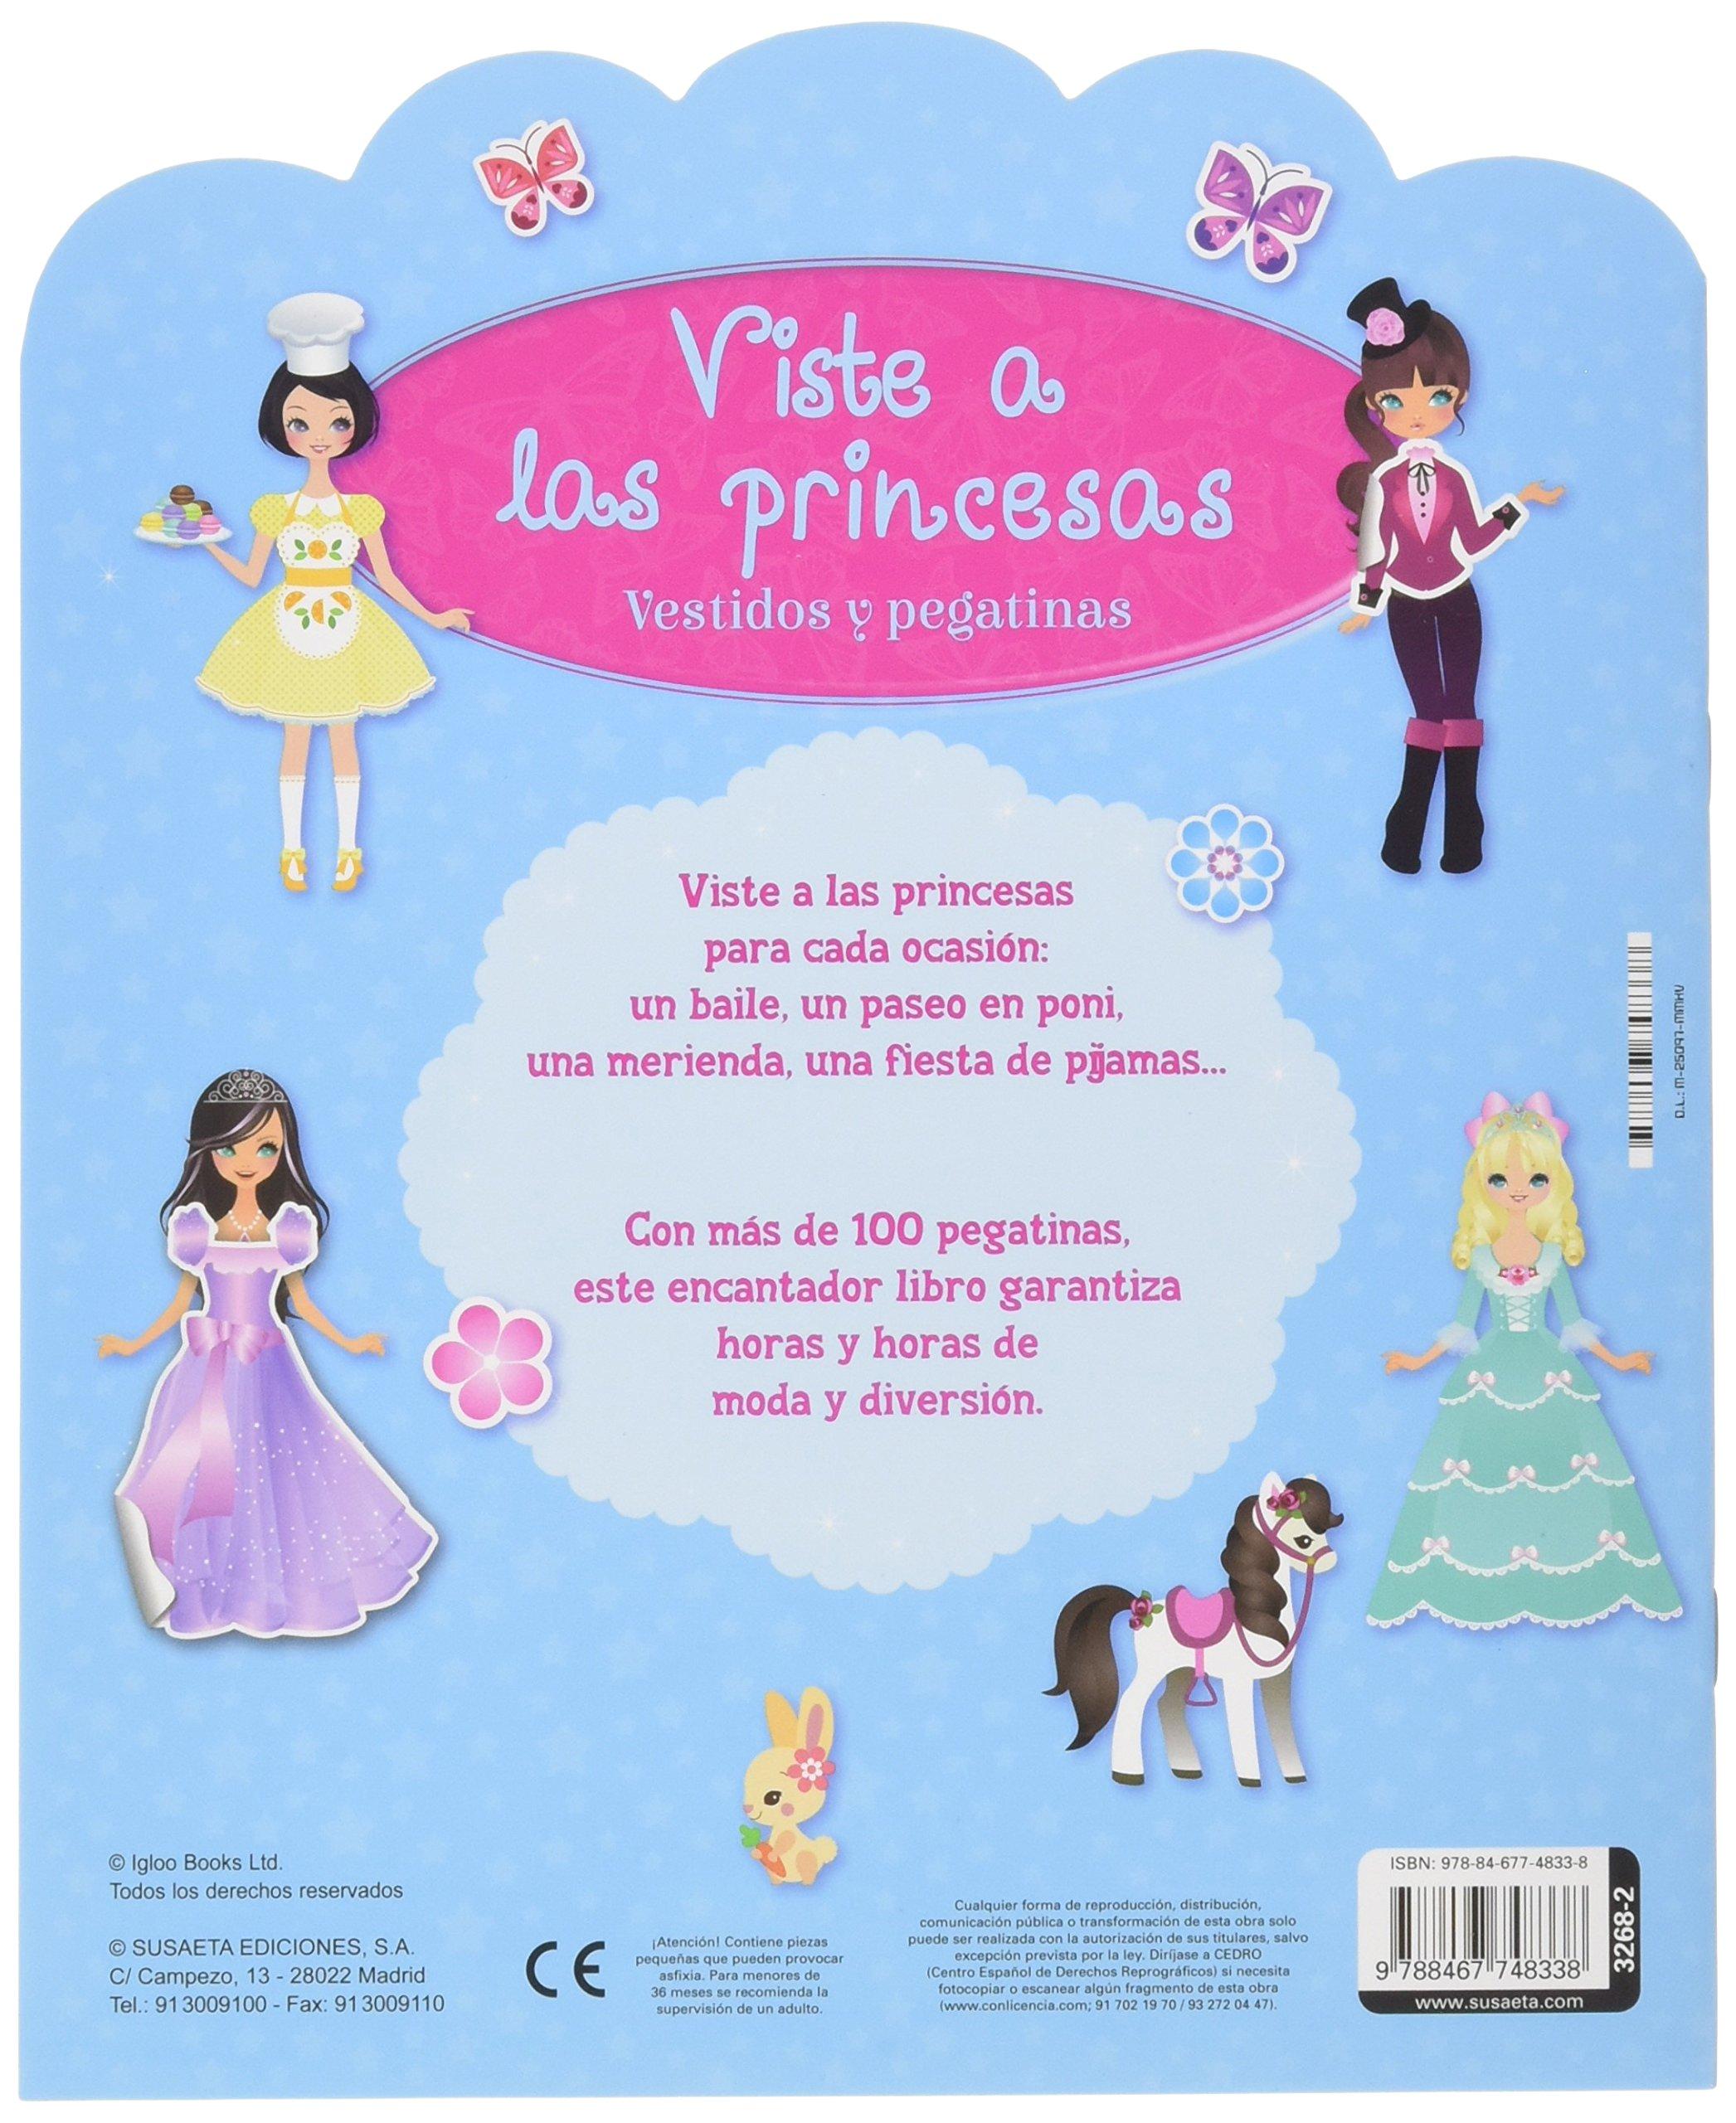 VESTIDOS Y PEGATINAS (2 TITULOS): Equipo Susaeta: 9788467748338: Amazon.com: Books